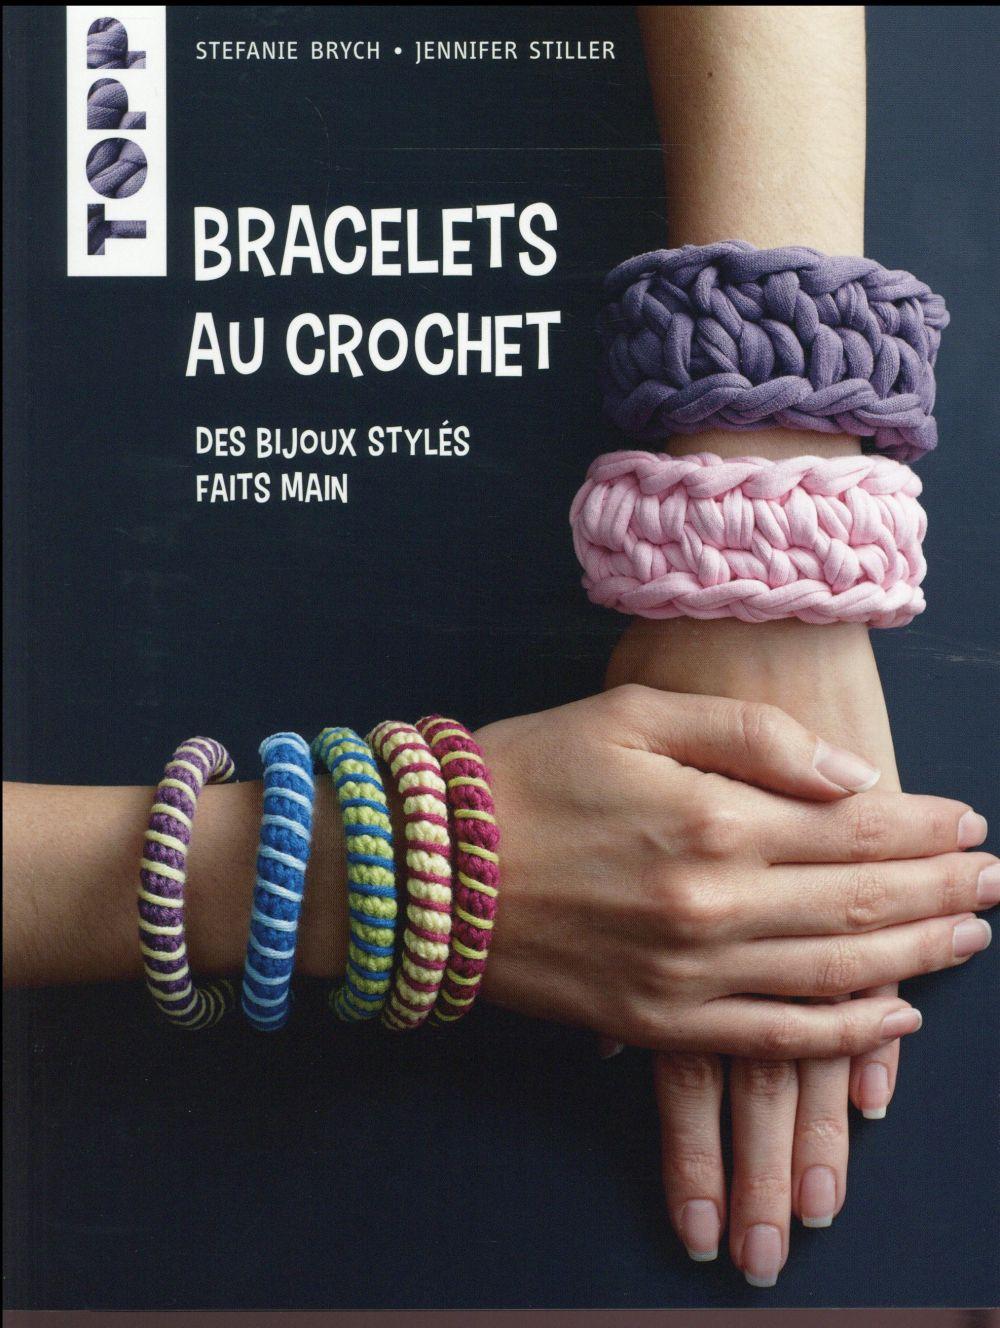 Bracelets au crochet ; des bijoux stylés faits main